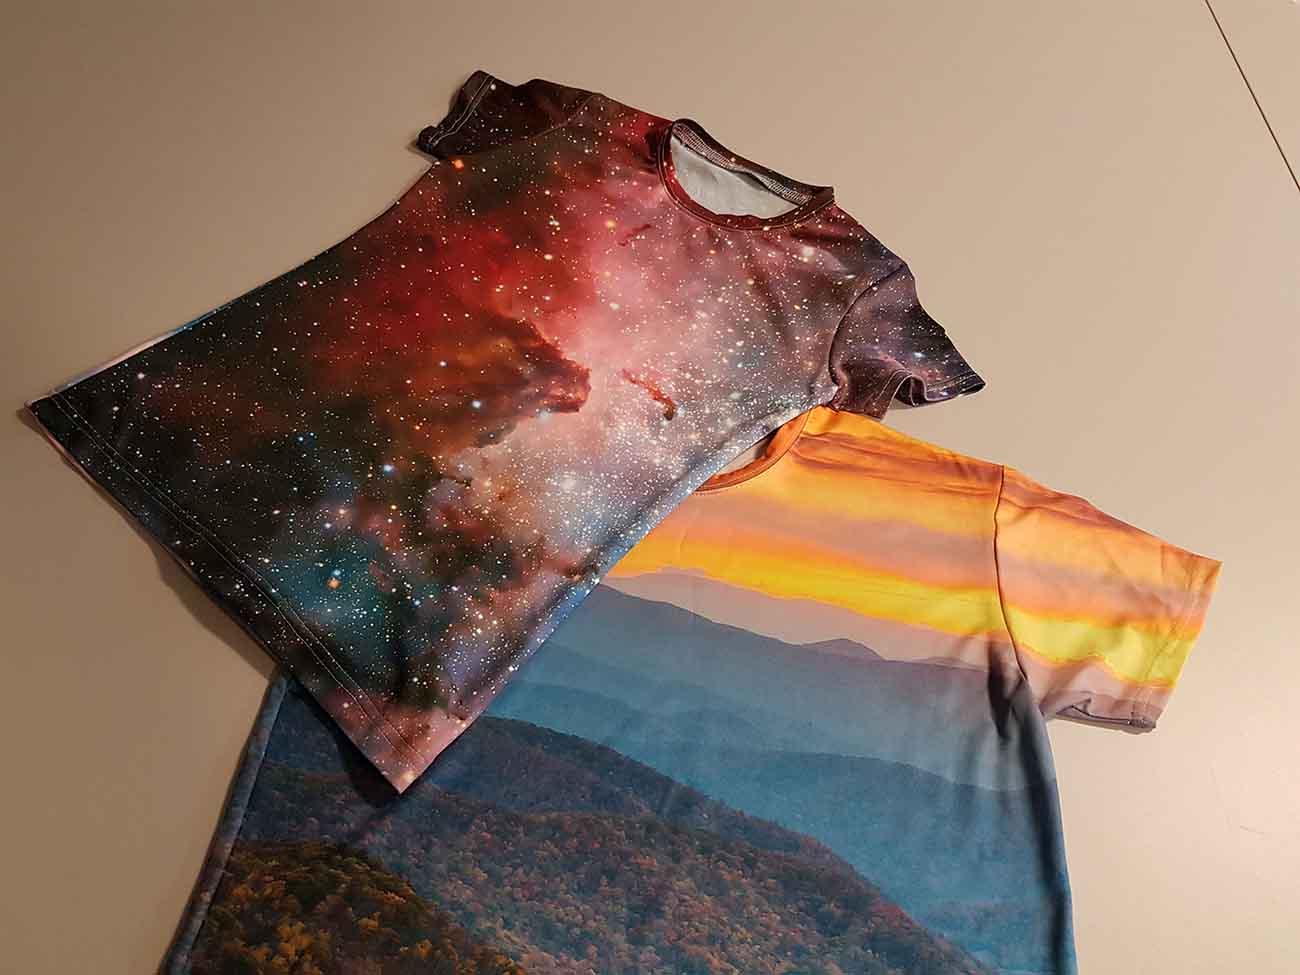 Kolorowe-koszulki-zadrukowane-calosciowo-